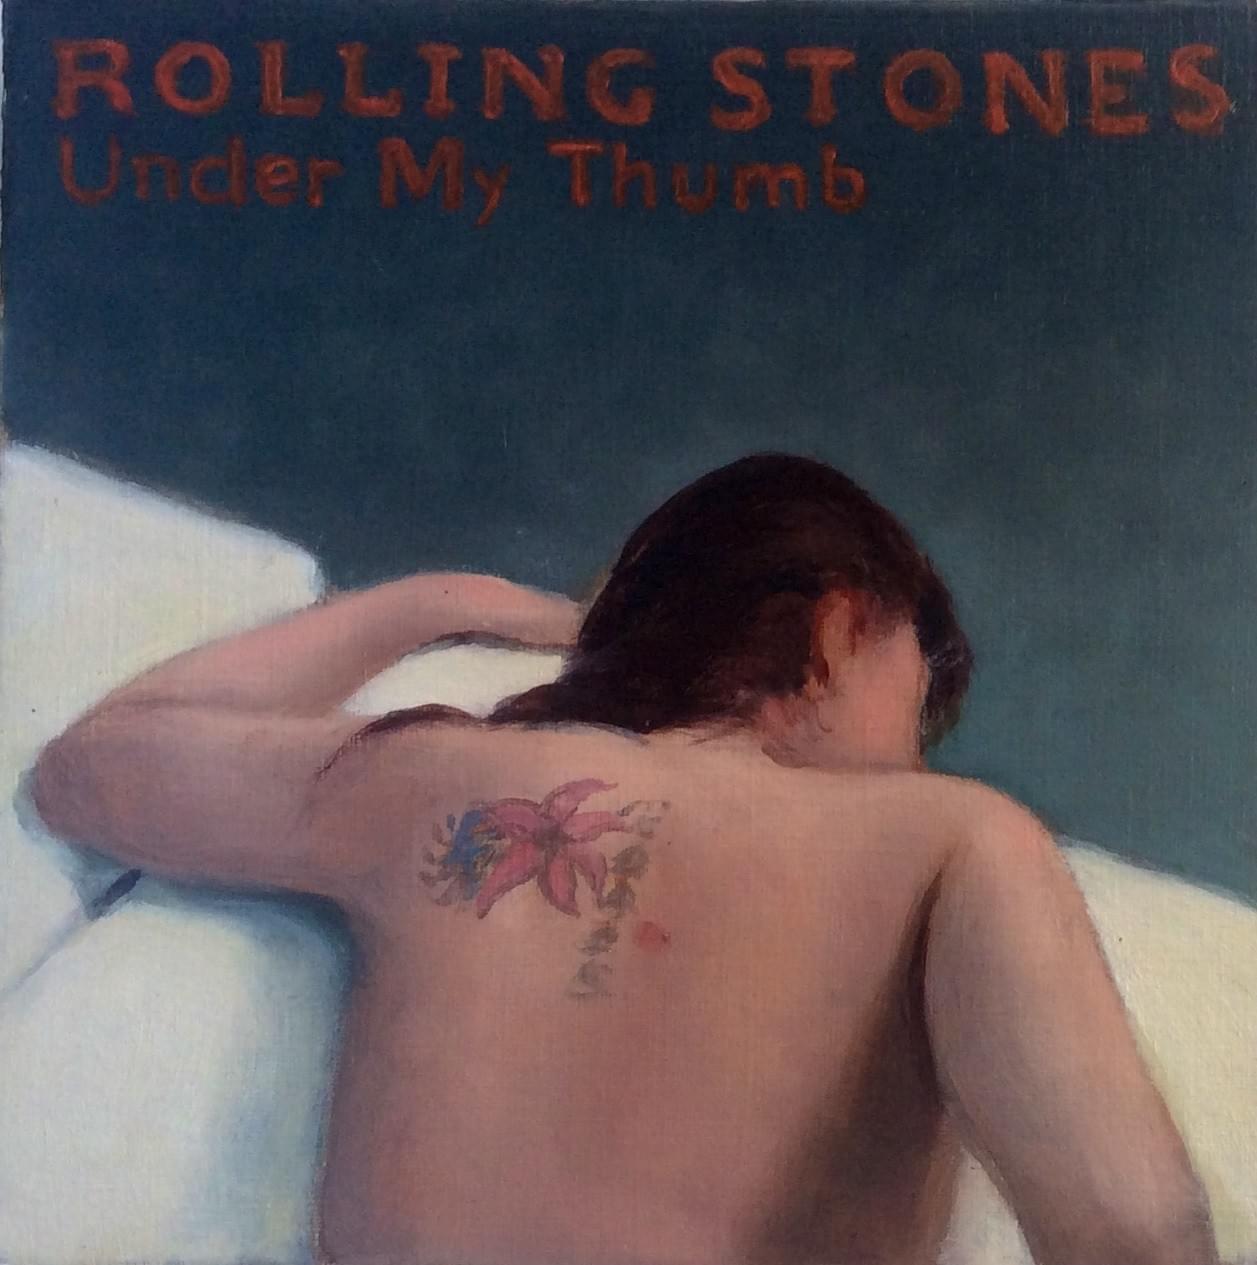 SC451 Under my Thumb. Rolling Stones Óleo sobre papel 18 x 18 cm. 2015